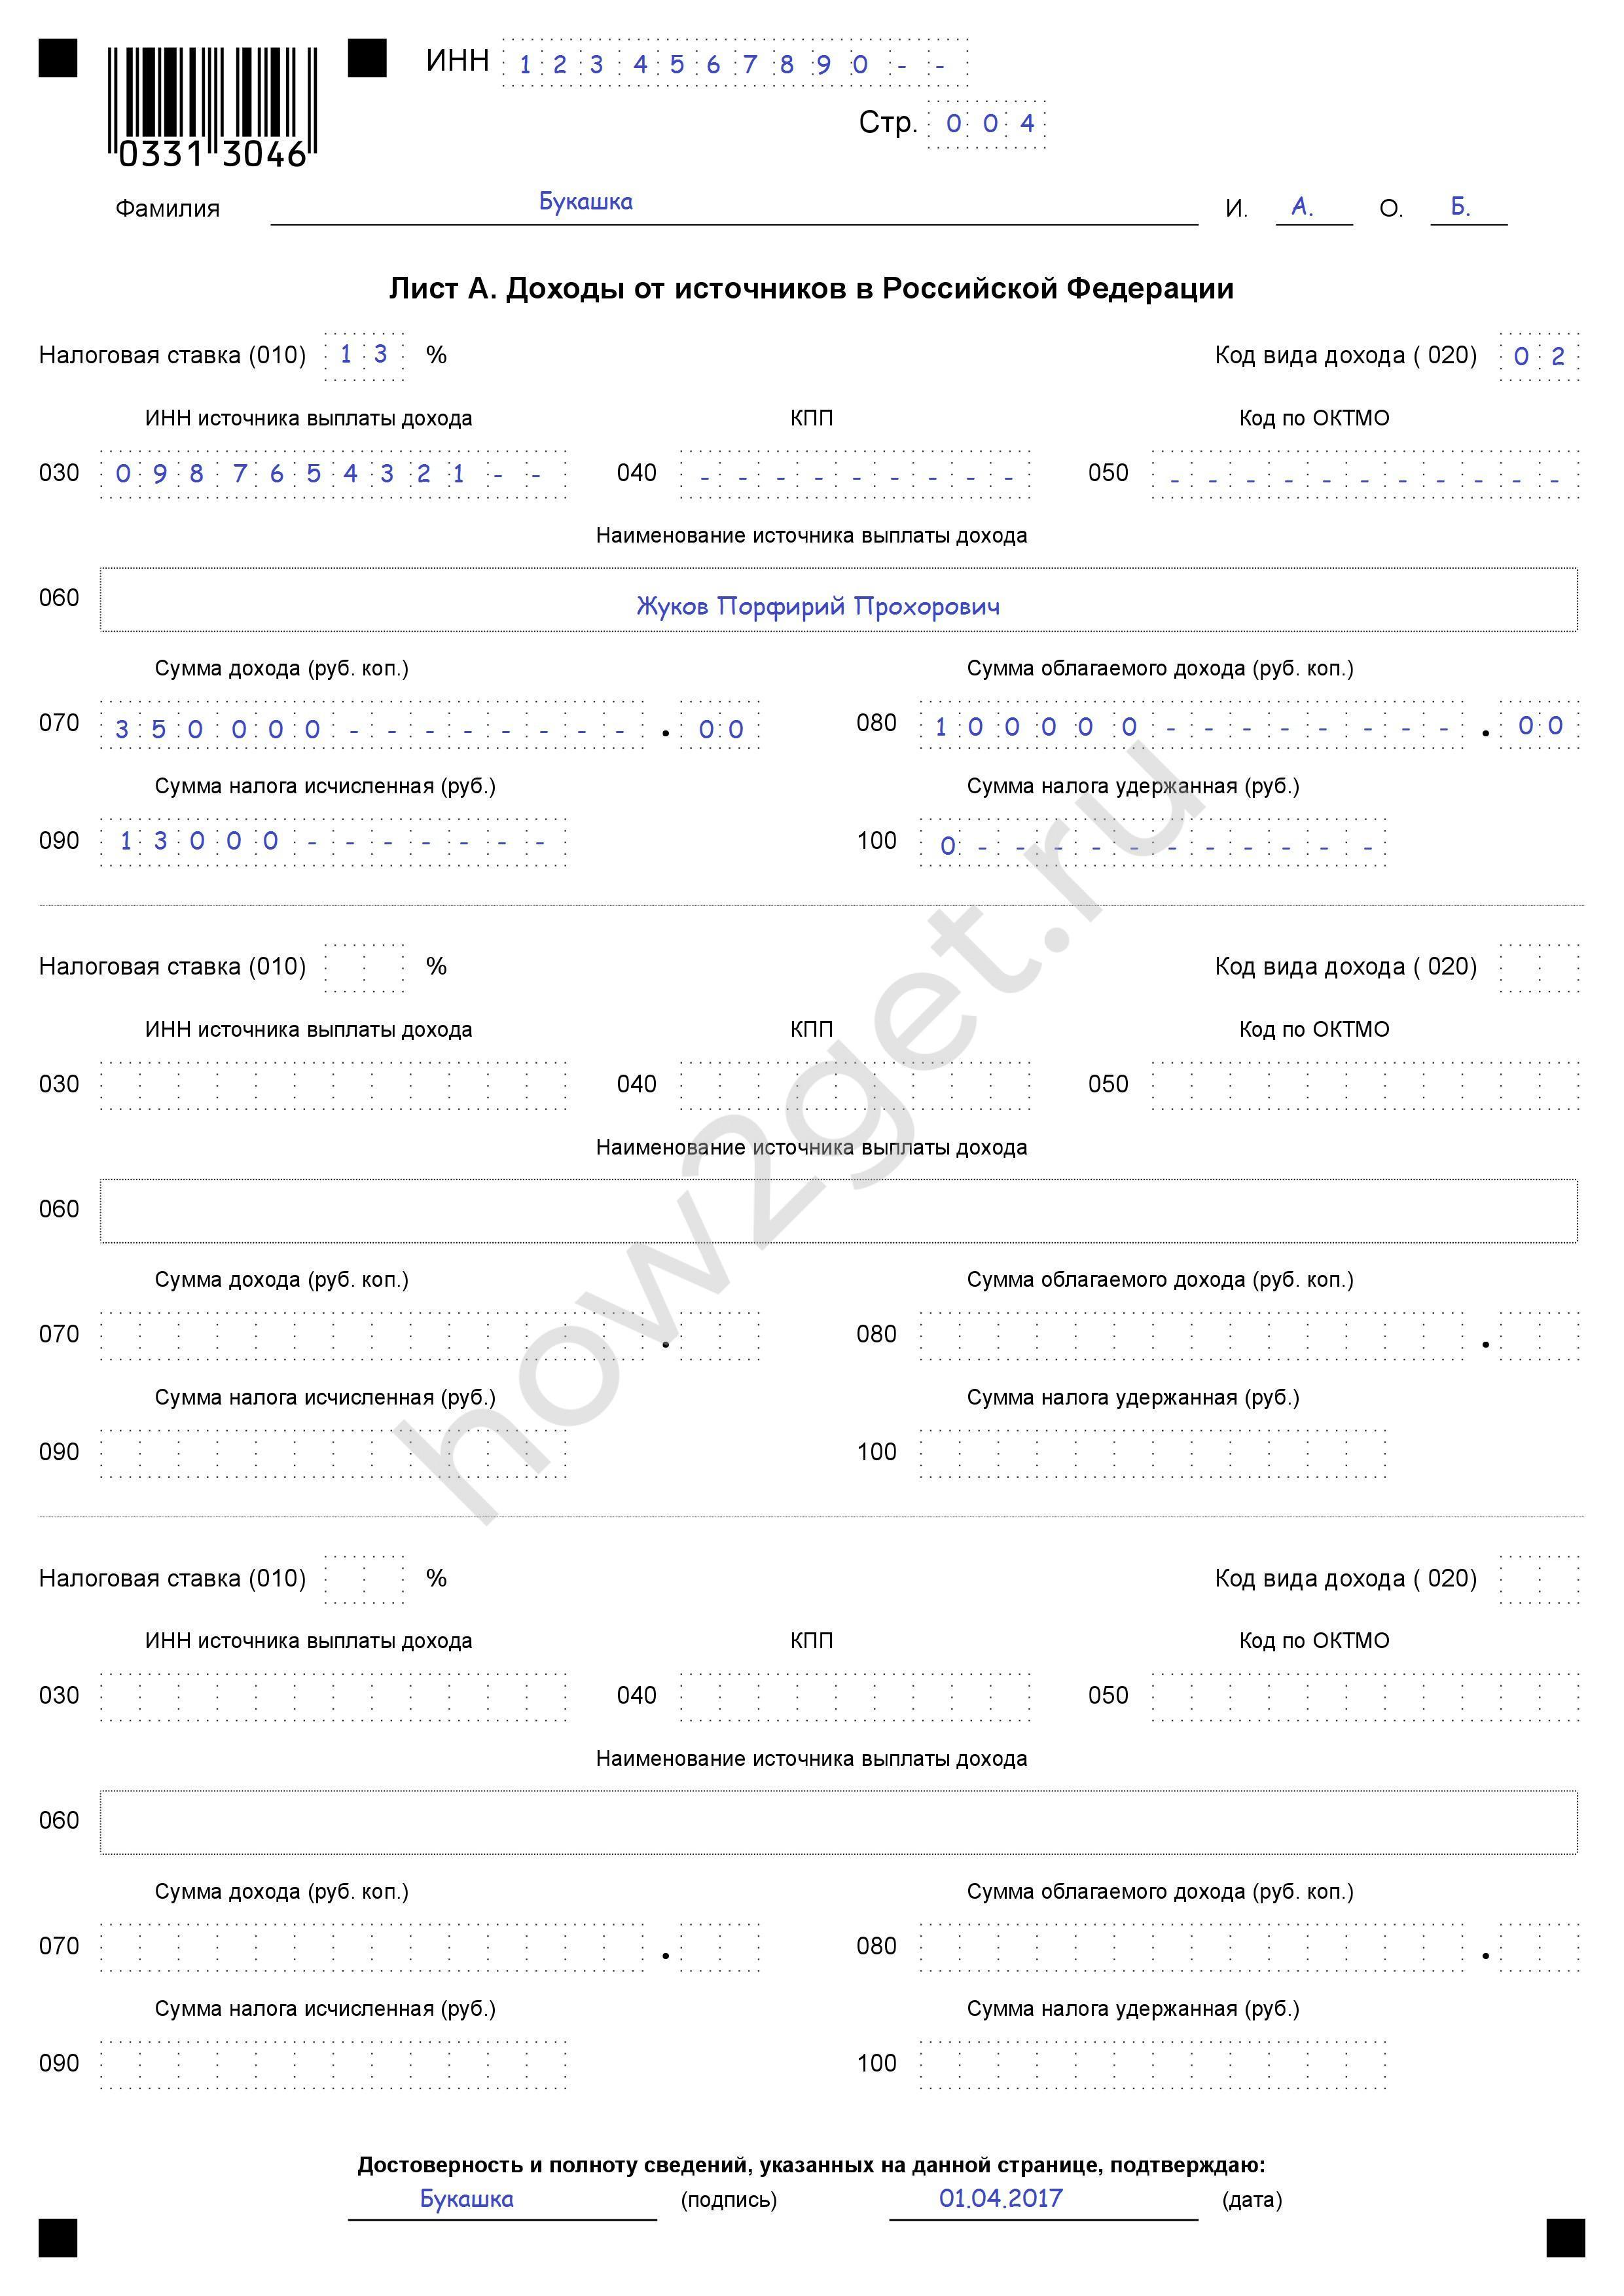 Подать жалобу в трудовую инспекцию онлайн санкт петербург